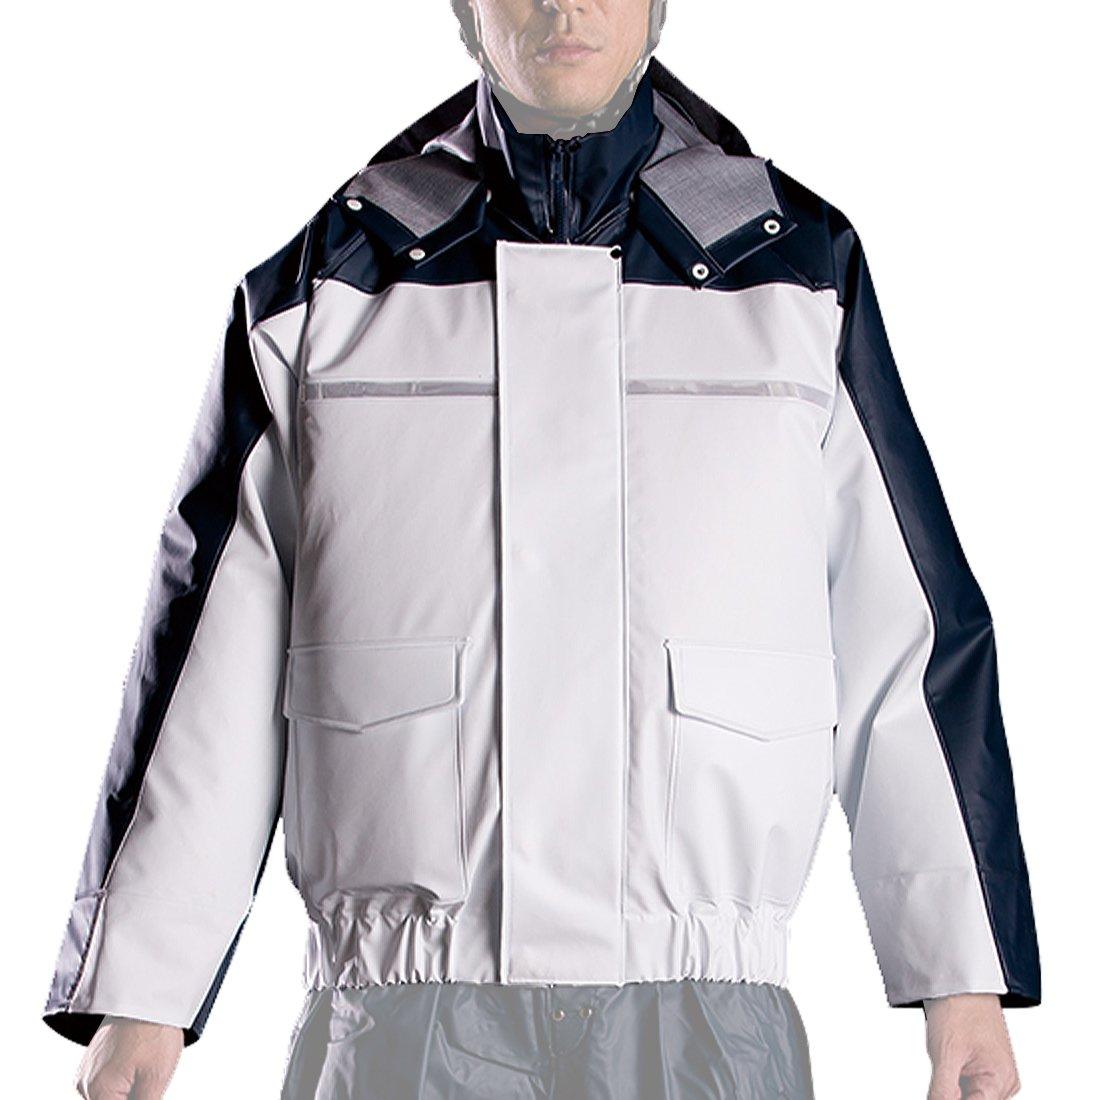 ナダレス 空調服 ブルゾン 全4色 全8サイズ レインパーカ ホワイト L 反射テープ付き 6097 [正規代理店品] B011C073BK Large Large